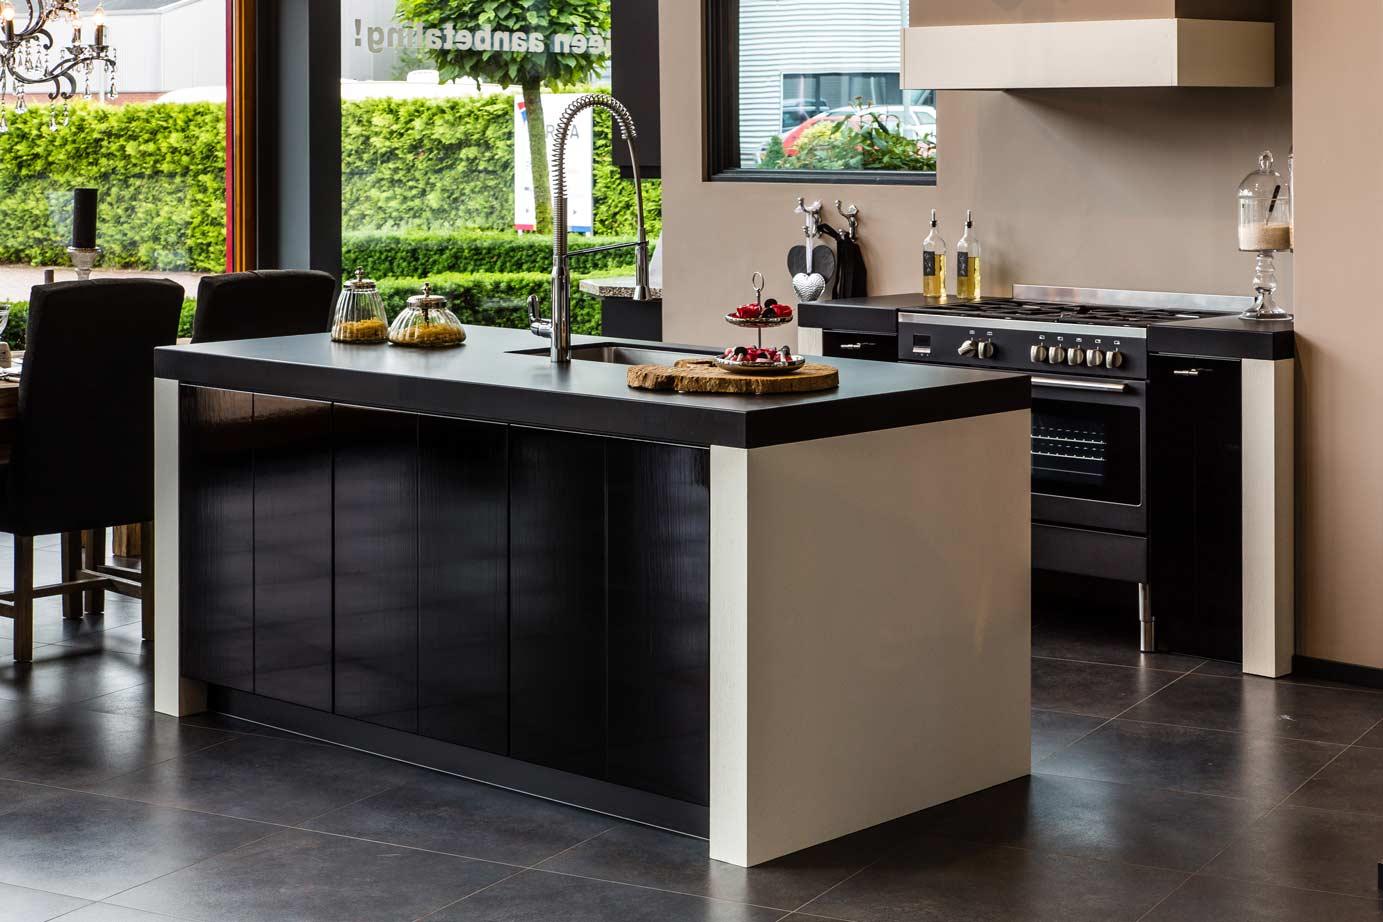 keuken tegels den haag : Marmeren Vloertegels Den Haag Steengoedzo Super Voordelig Snel